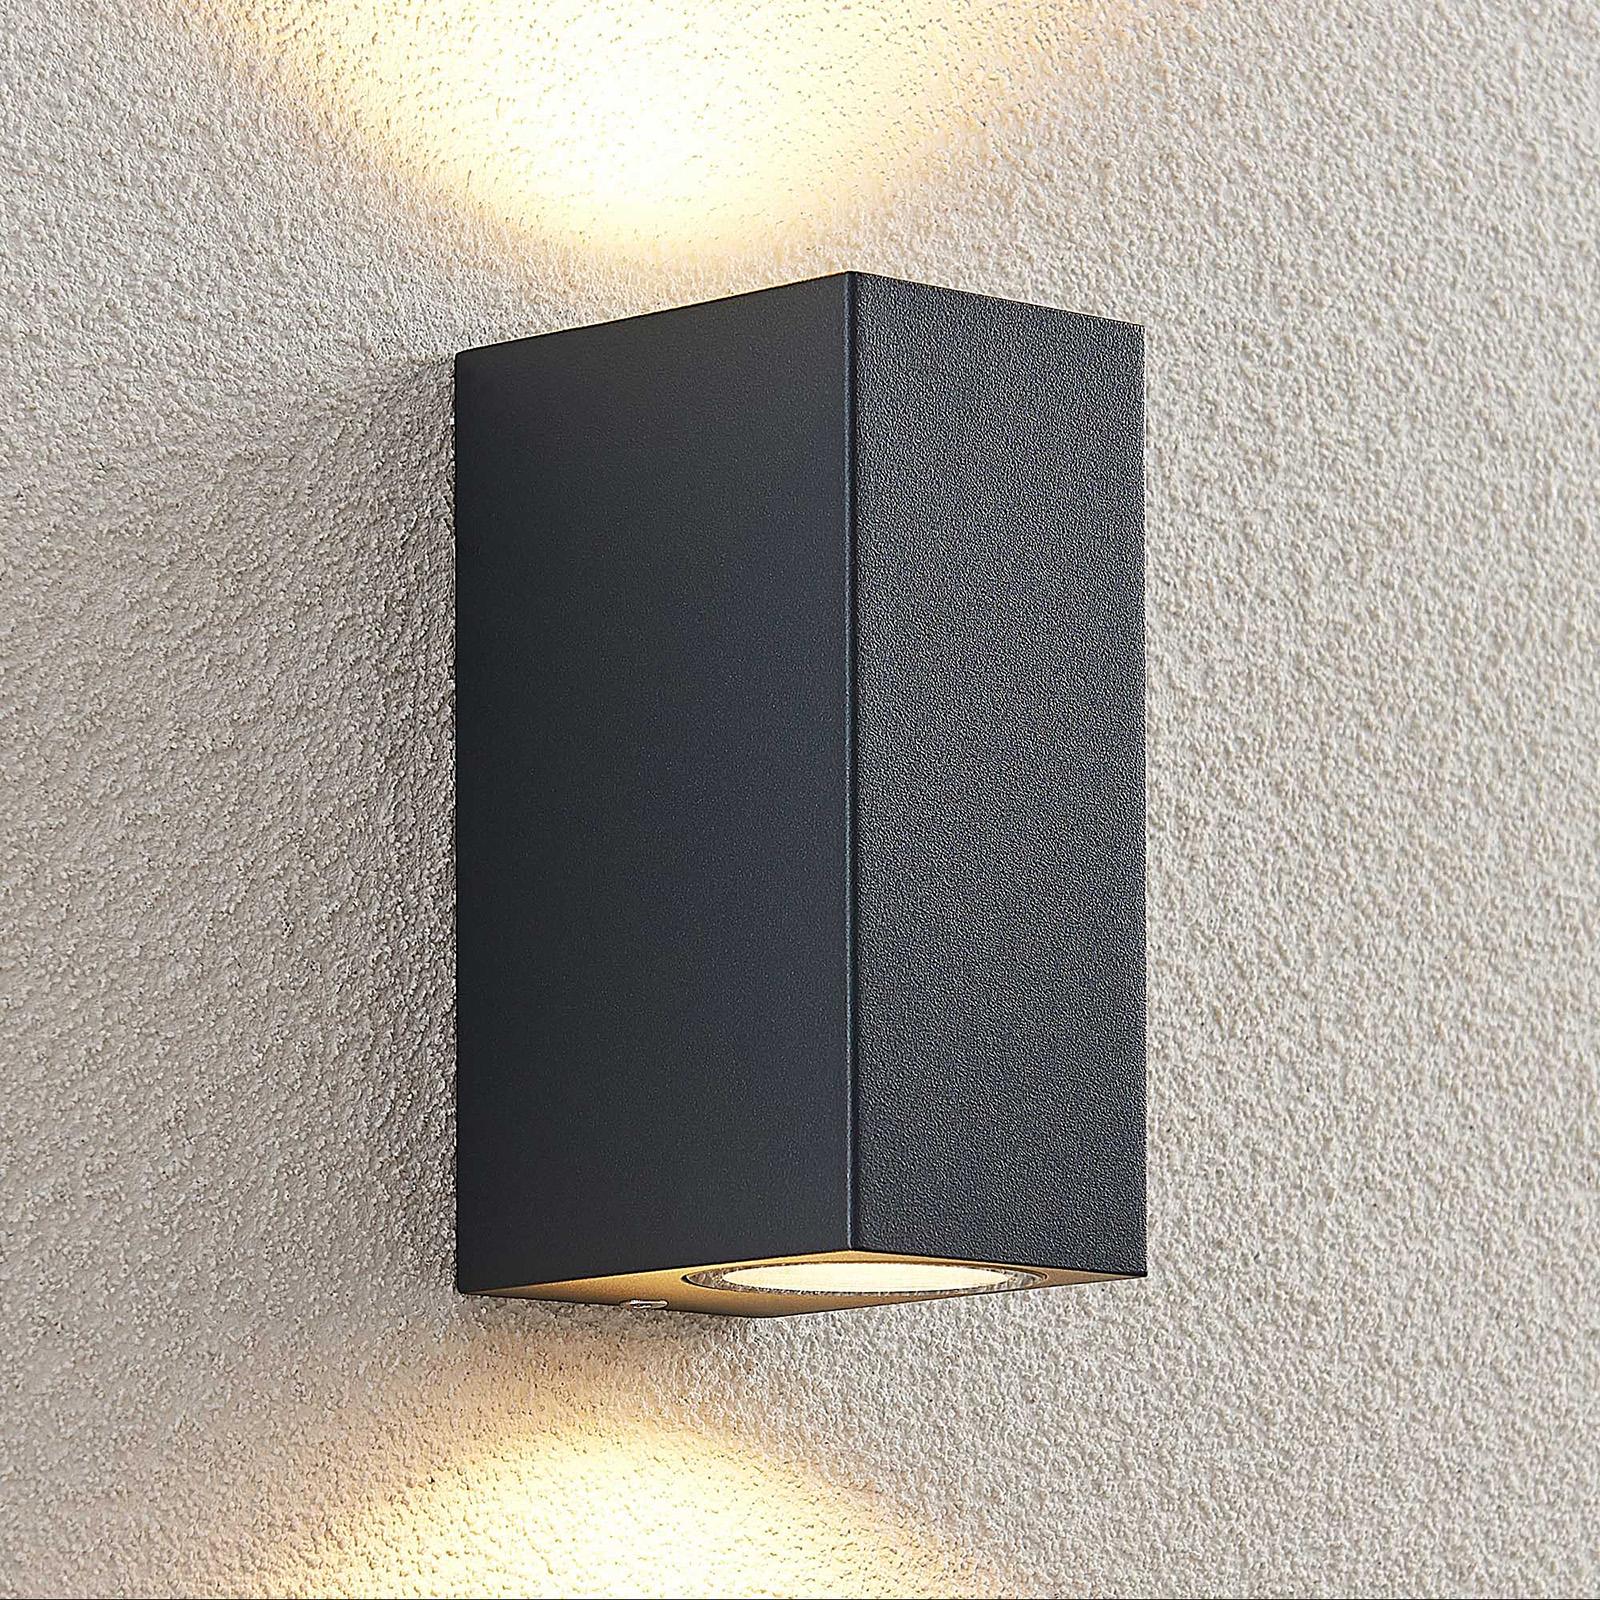 ELC Fijona kinkiet zewnętrzny LED, kątowy, 15 cm